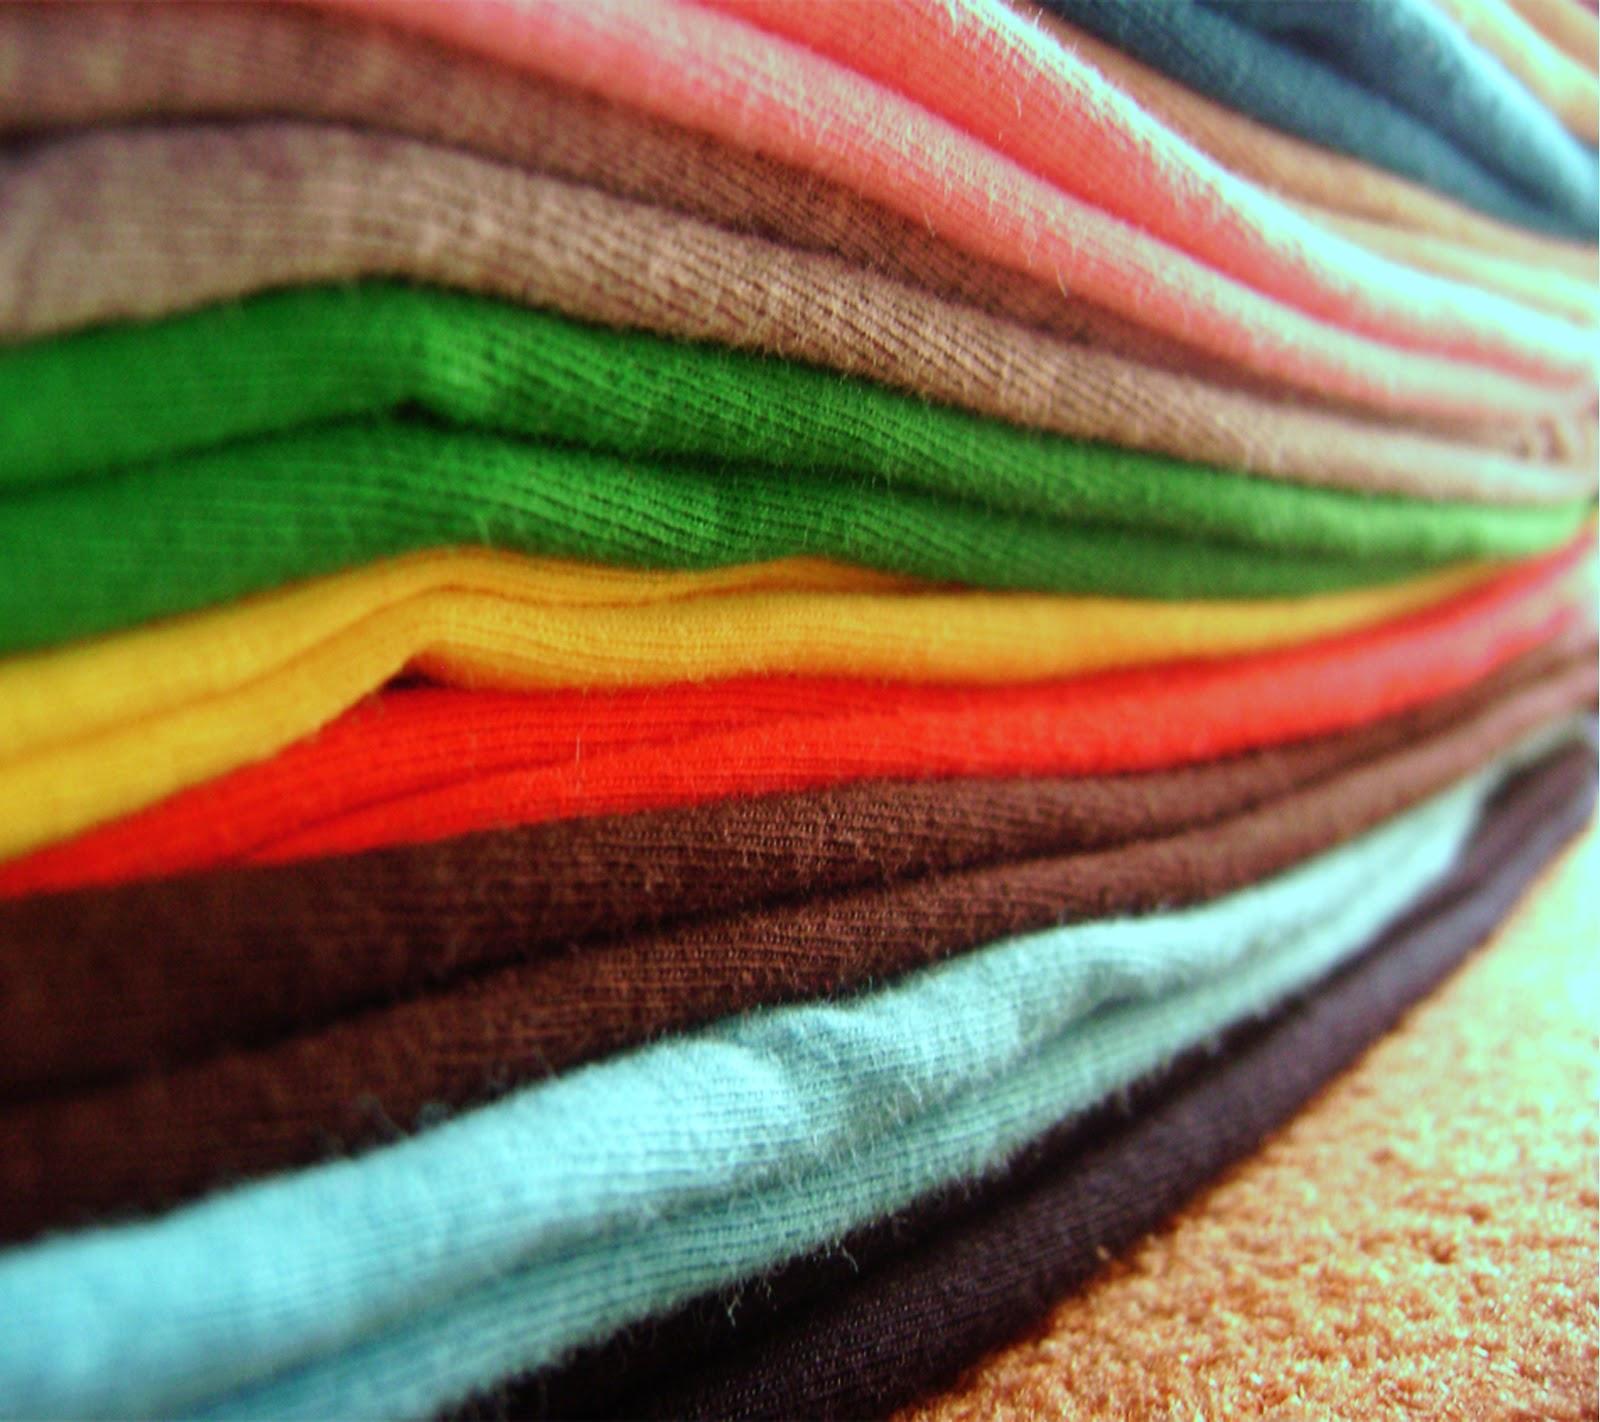 Kelebihan & Kekurangan Kain Cotton